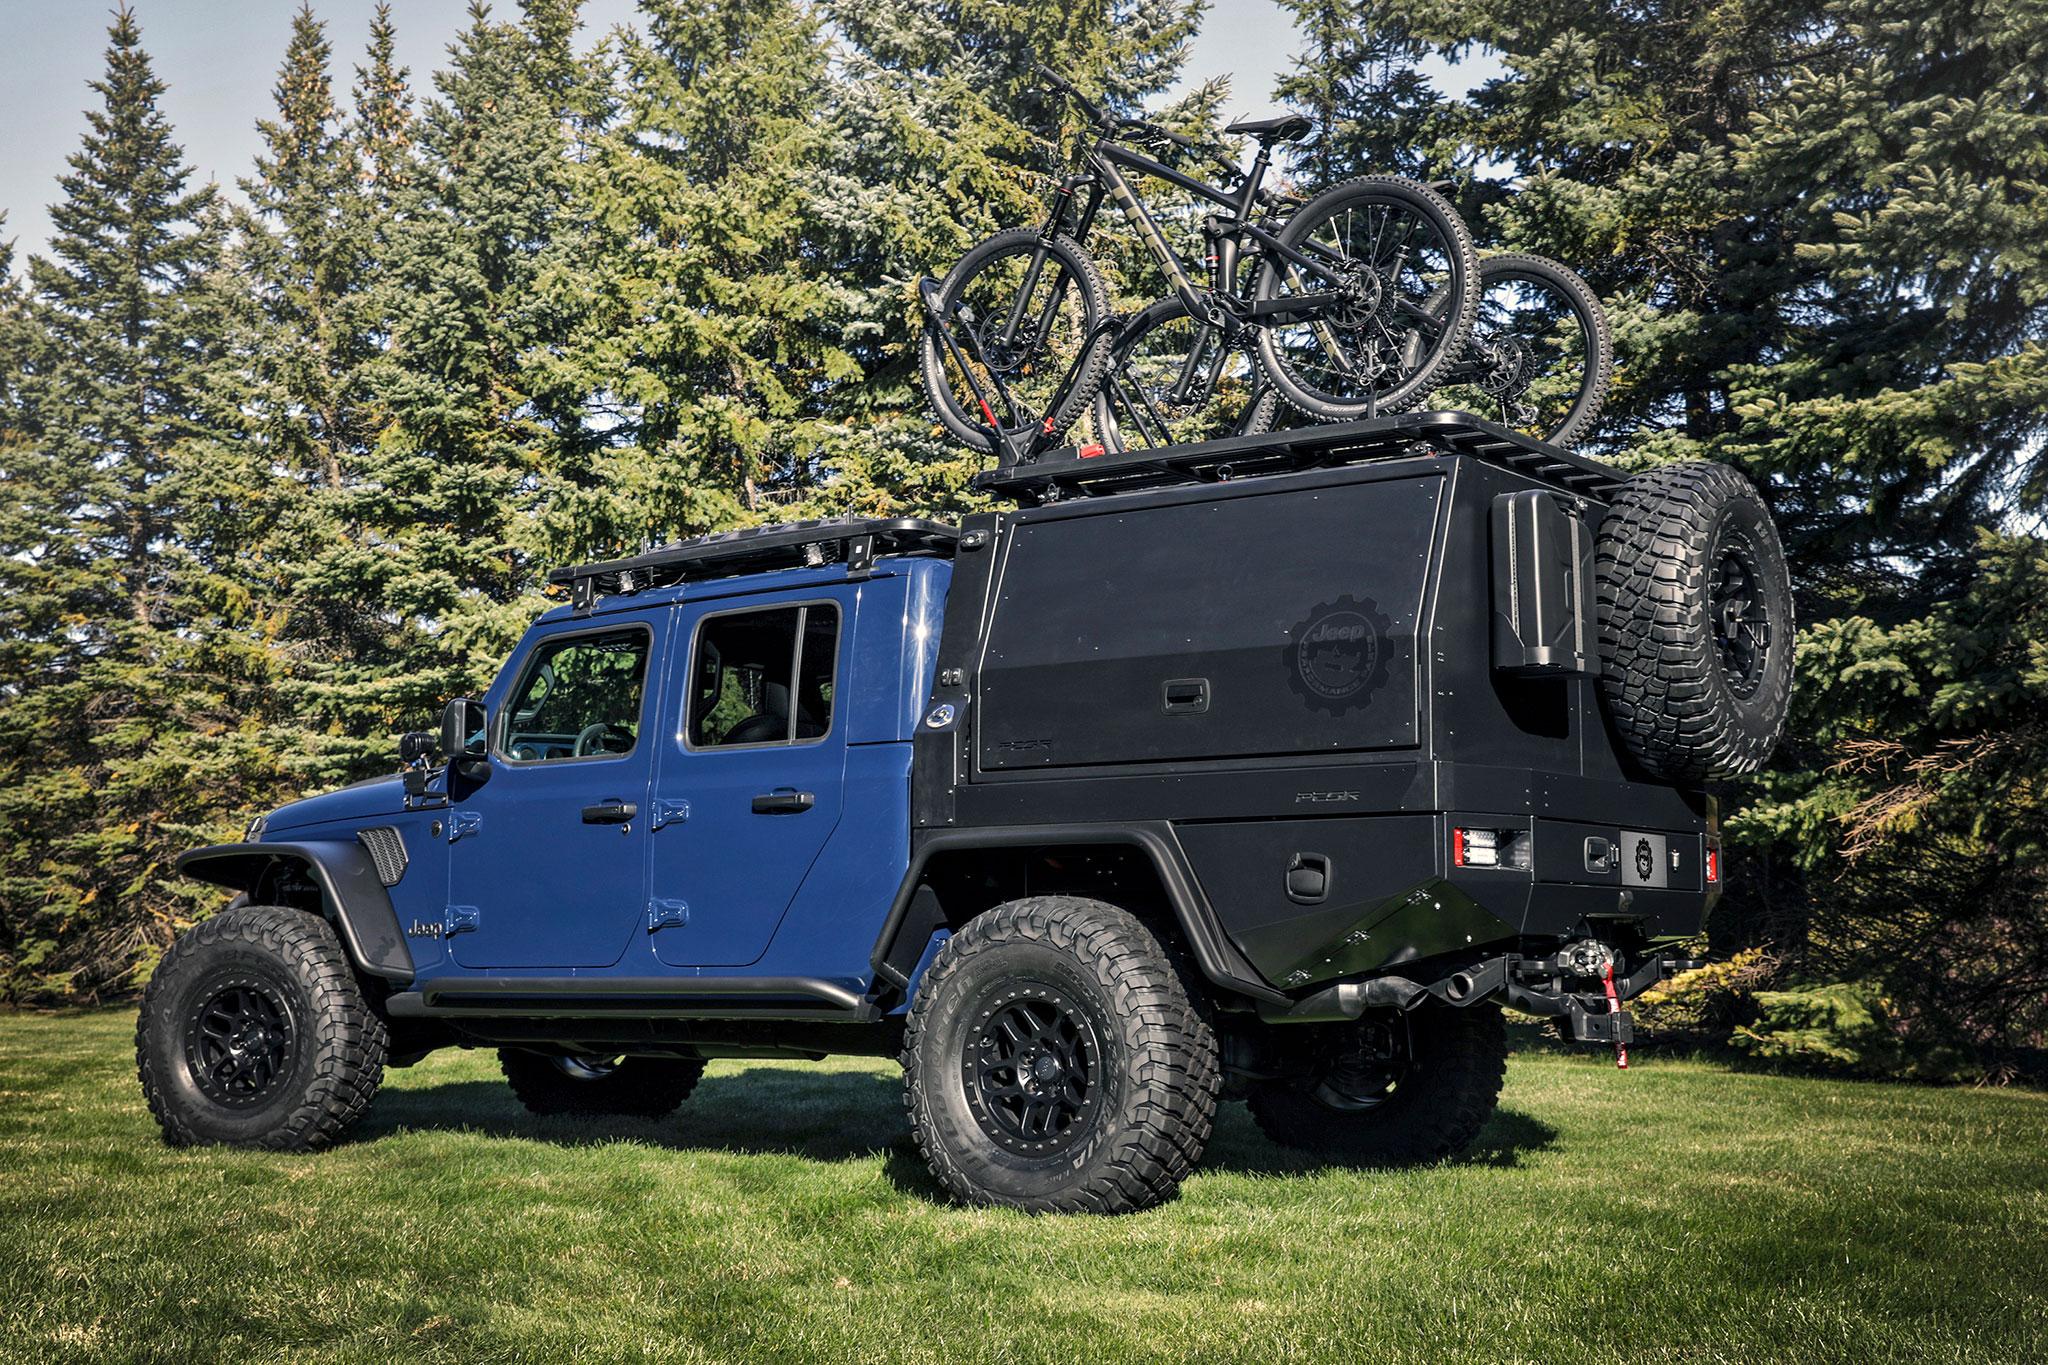 2020 Jeep Gladiator Top Dog trois quarts arrière gauche.jpg - Jeep et Moab 2020.